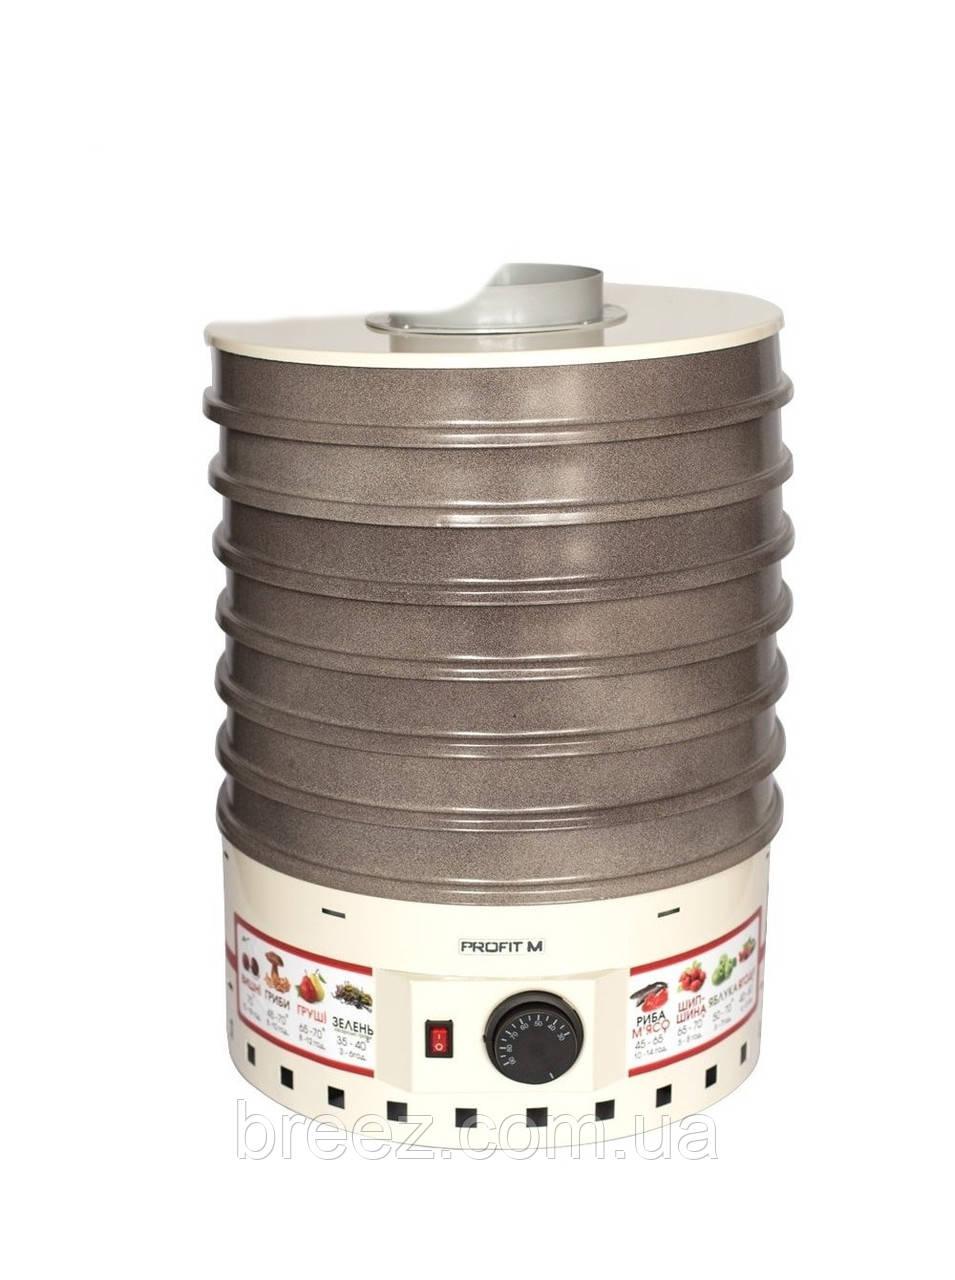 Сушилка для овощей и фруктов Профит-М 20 литров